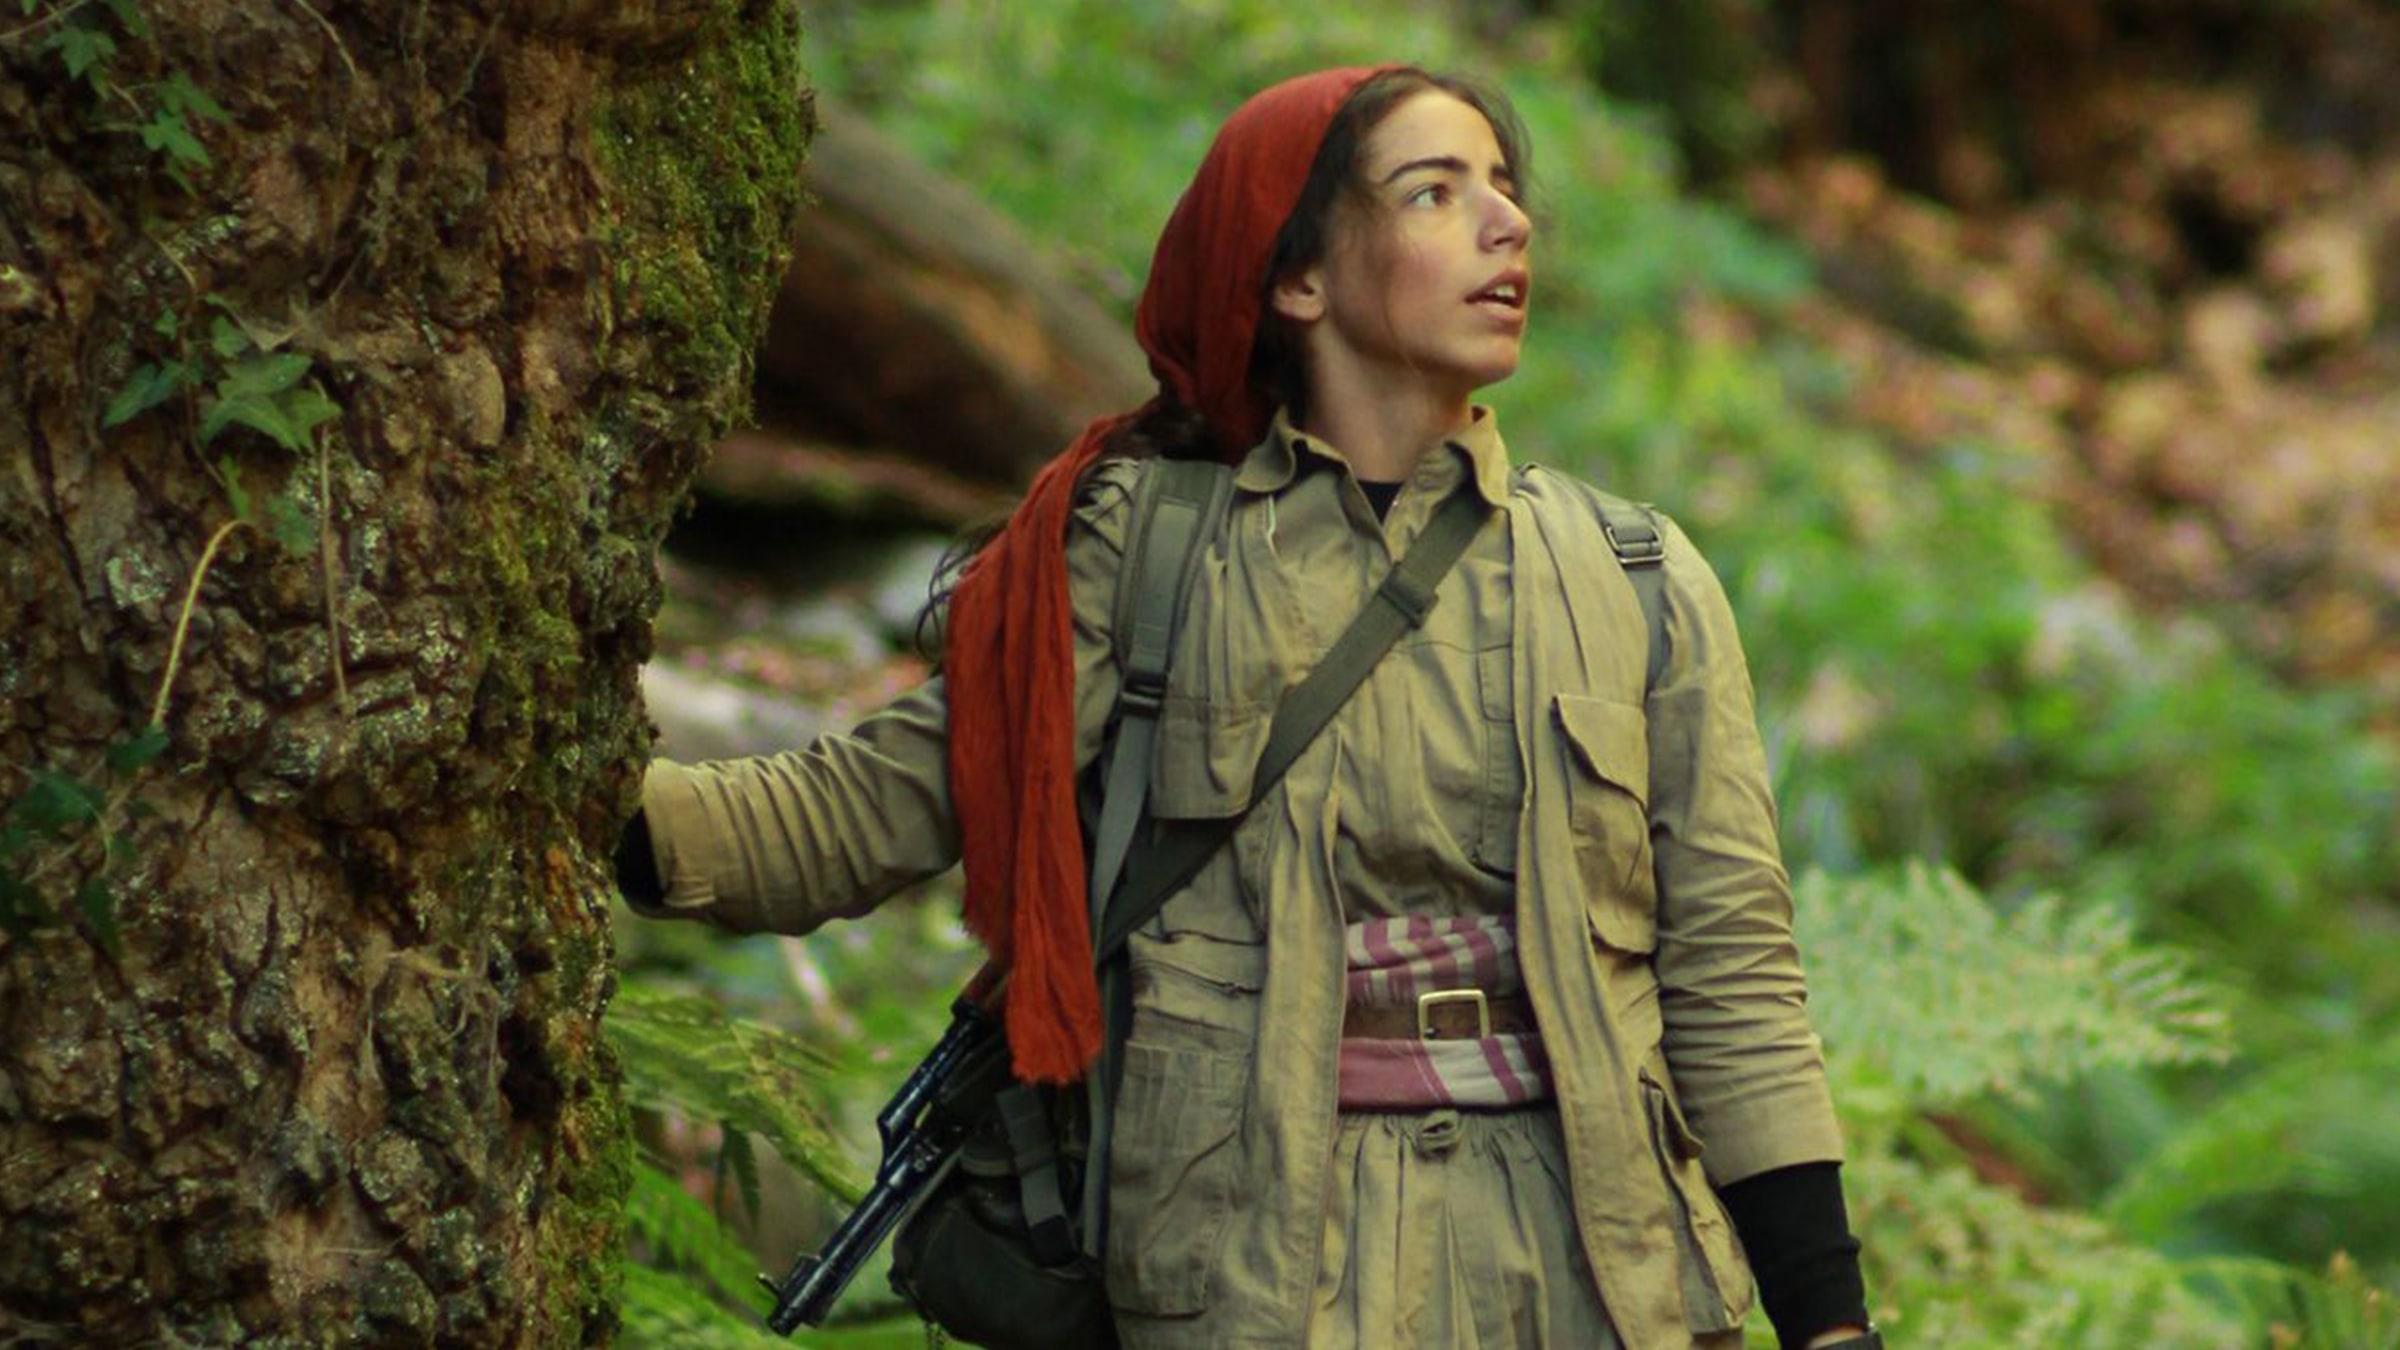 Filmmor Kadın Filmleri Festivali<br/>12. Uluslararası Gezici Filmmor Kadın Filmleri Festivali Programı